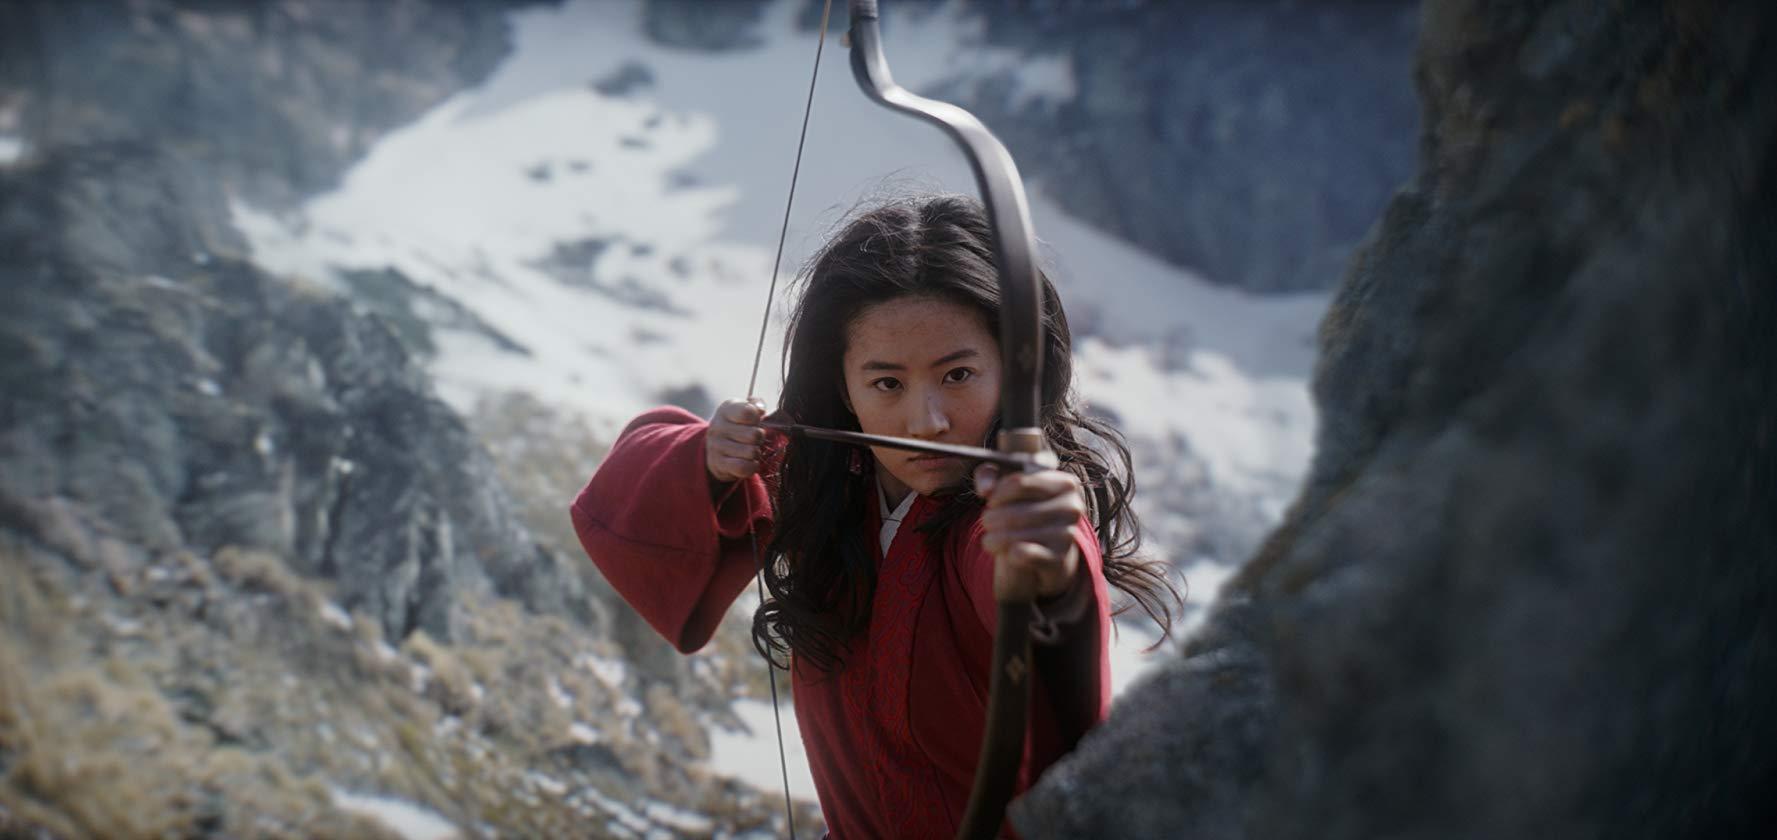 """COVID-19: de """"Mulan"""" à Marvel e """"Indiana Jones"""", Disney altera datas de (quase) todos os filmes"""